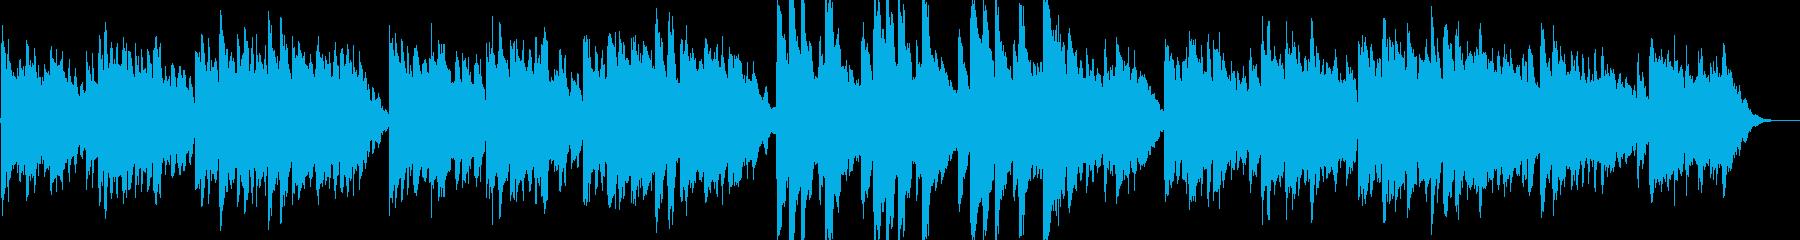 子供用の可愛らしいゆったりとしたBGMの再生済みの波形